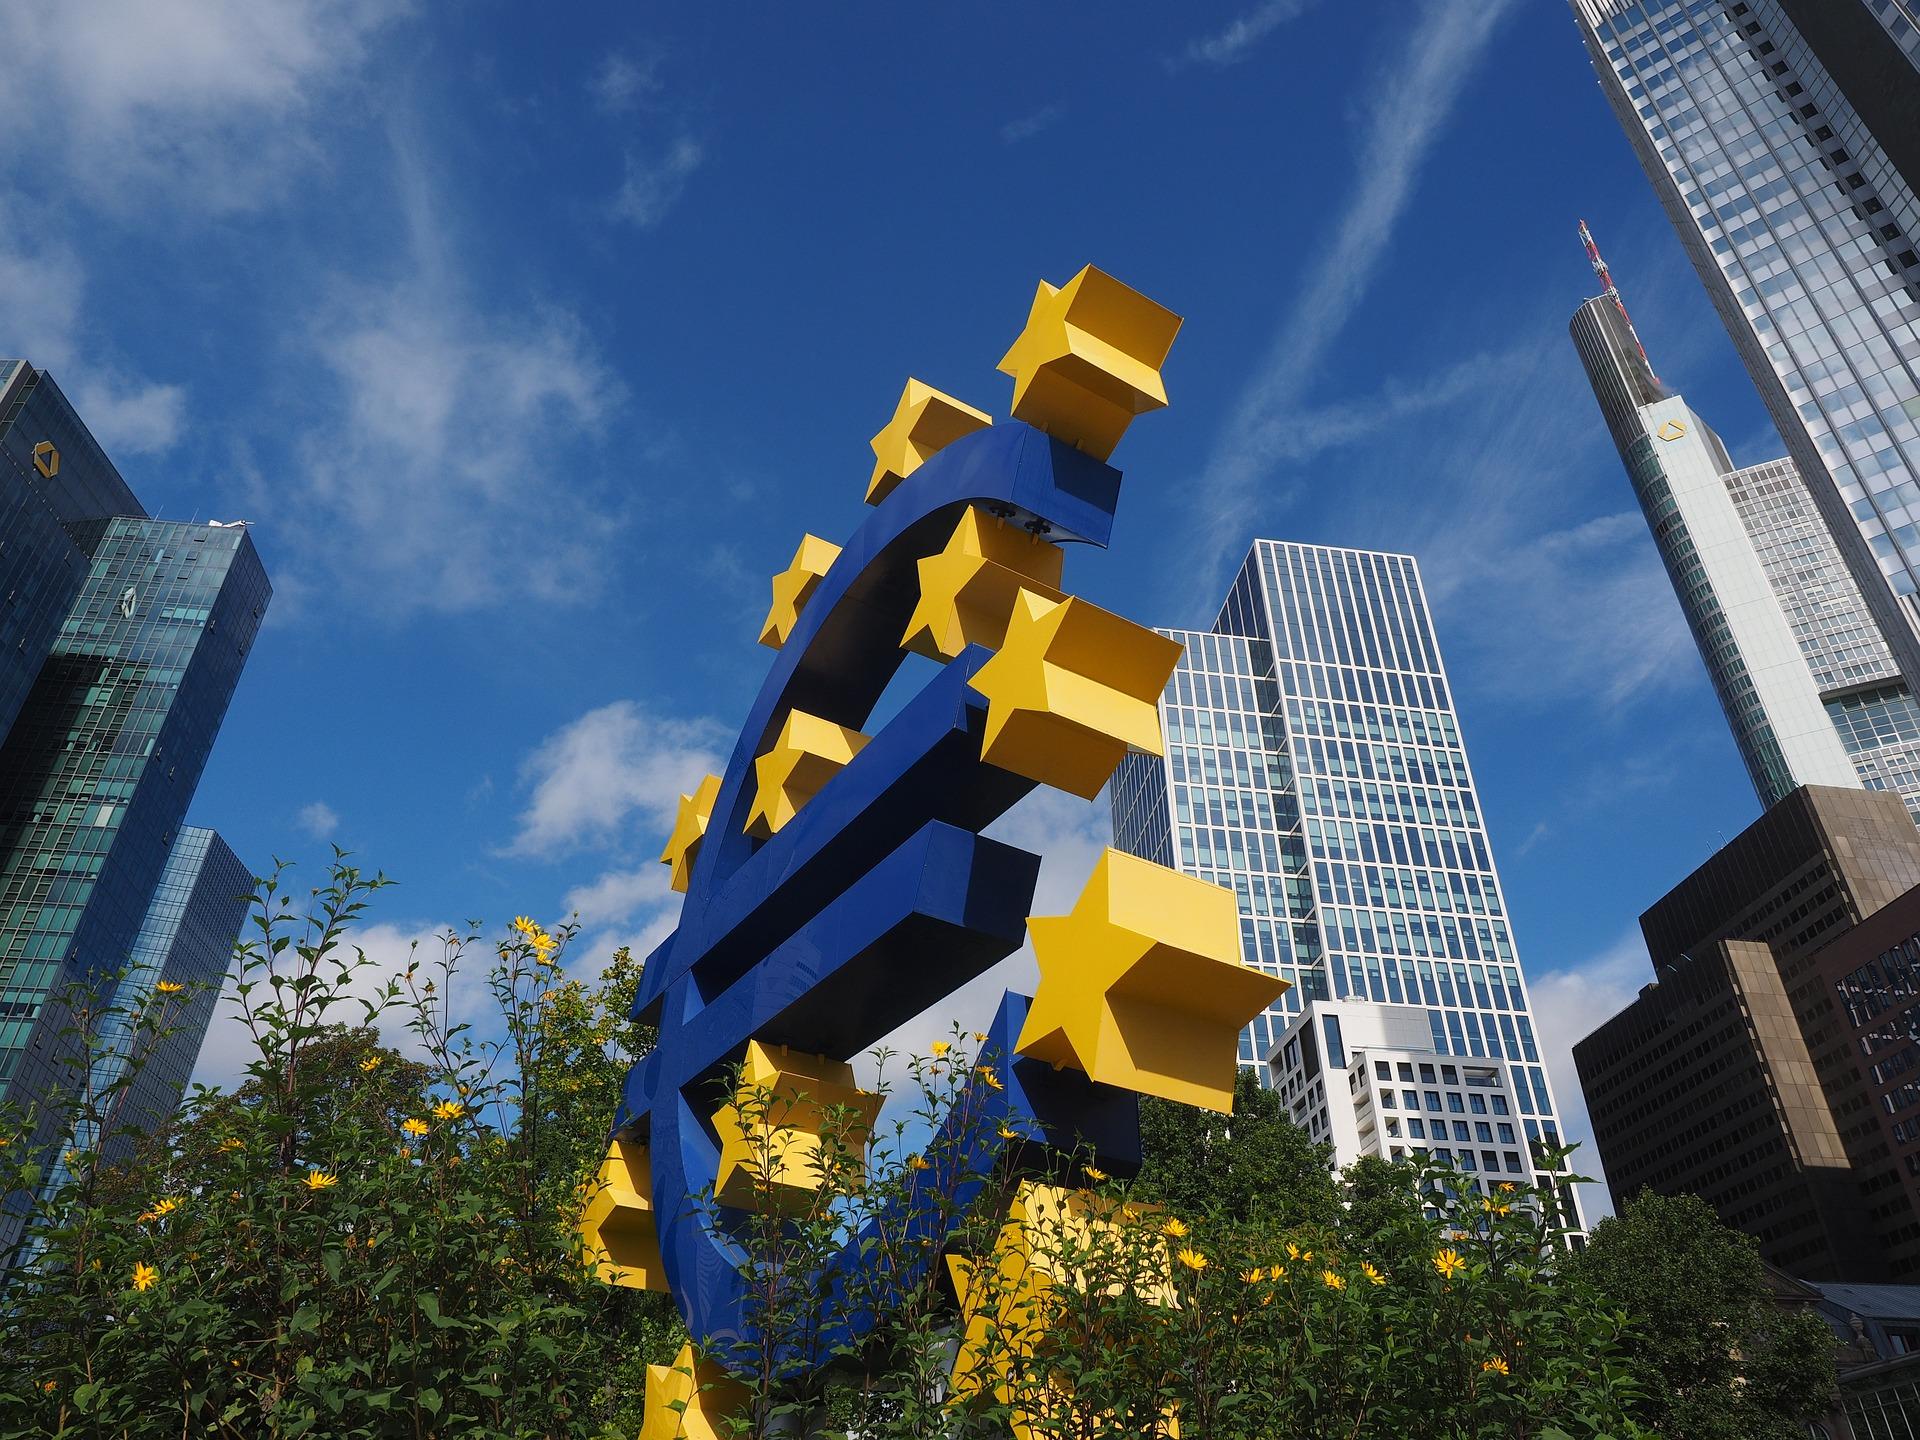 Zona do euro tem crescimento da economia desacelerado no 3° trimestre de 2018